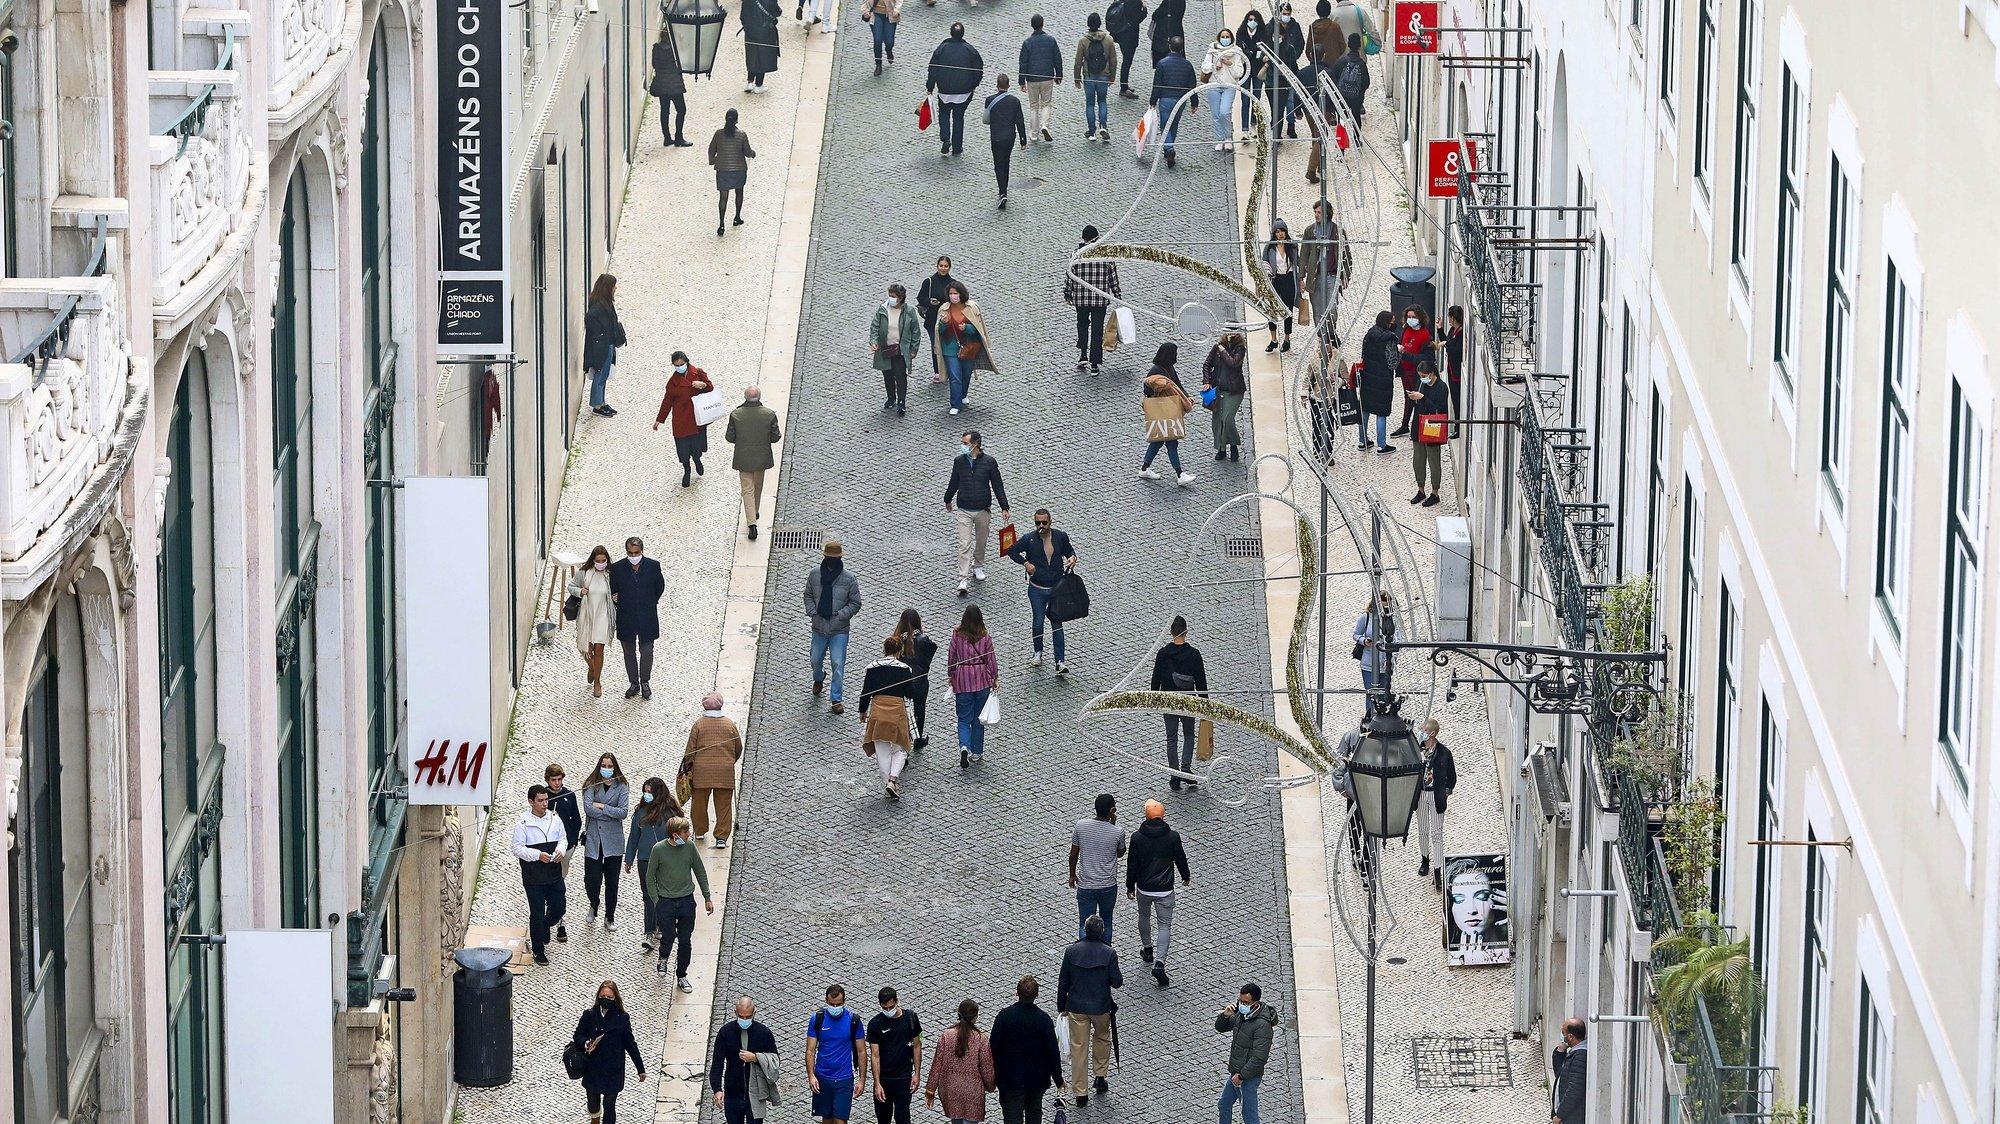 """Cidadãos fazem as suas compras de Natal na Rua do Carmo, antes do recolher obrigatório do estado de emergência, no âmbito das medidas de contenção da covid-19, em Lisboa, 19 de dezembro de 2020. No fim-de-semana os estabelecimentos comerciais apenas podem funcionar entre as 08:00 e as 13:00 nos concelhos classificados como de risco """"extremamente elevado"""" e """"muito elevado"""", medida imposta pelo estado de emergência que estará em vigor até às 23:59 de 23 de dezembro. ANTÓNIO PEDRO SANTOS/LUSA"""